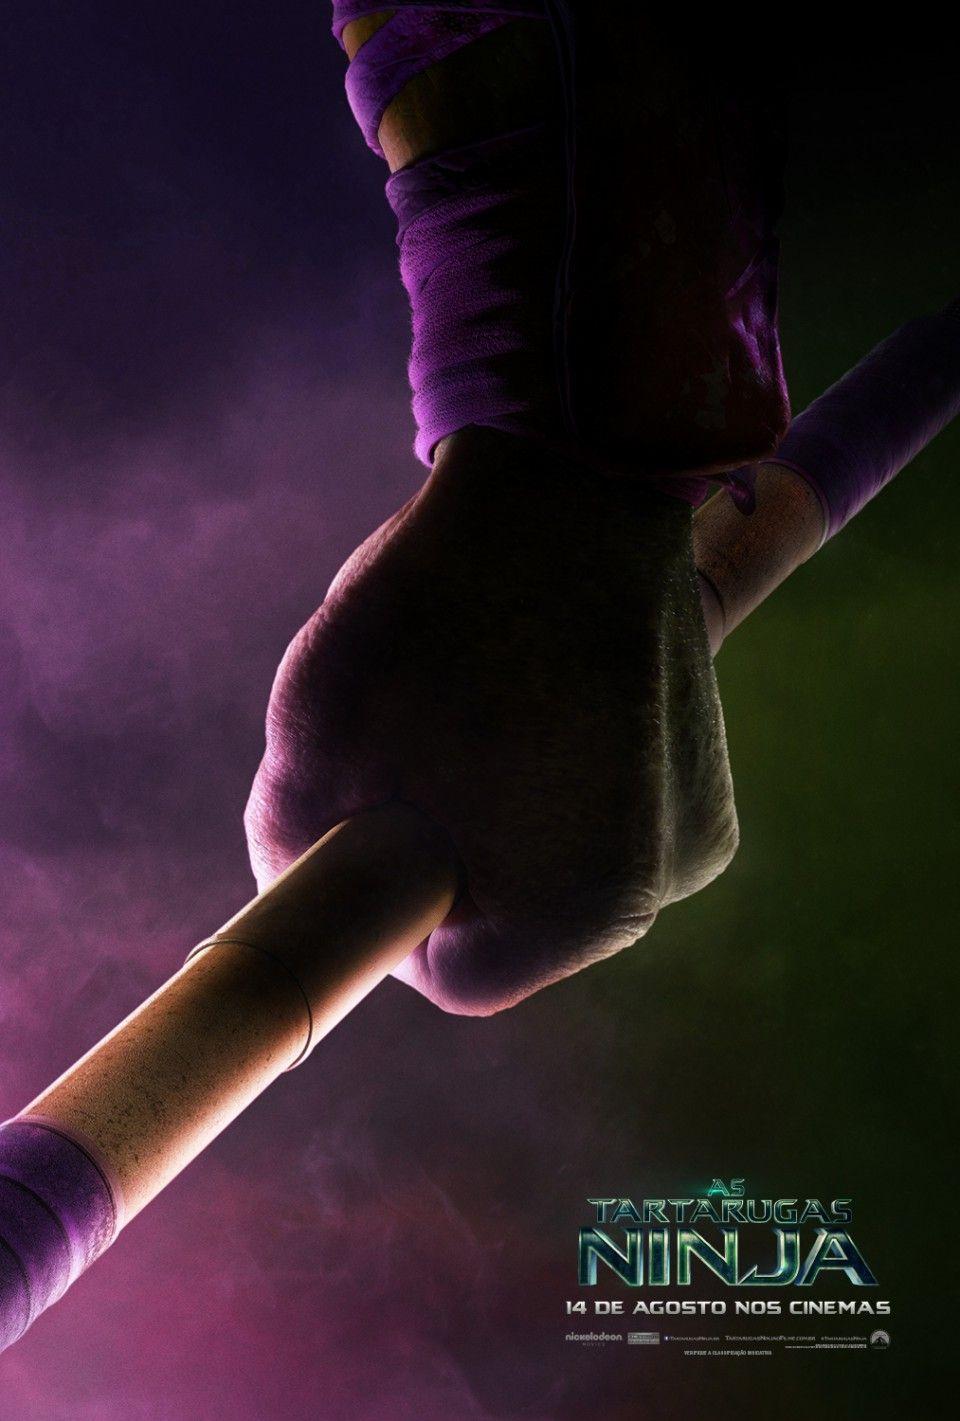 Armas em punho nos novos teaser-pôsteres de As Tartarugas Ninja!